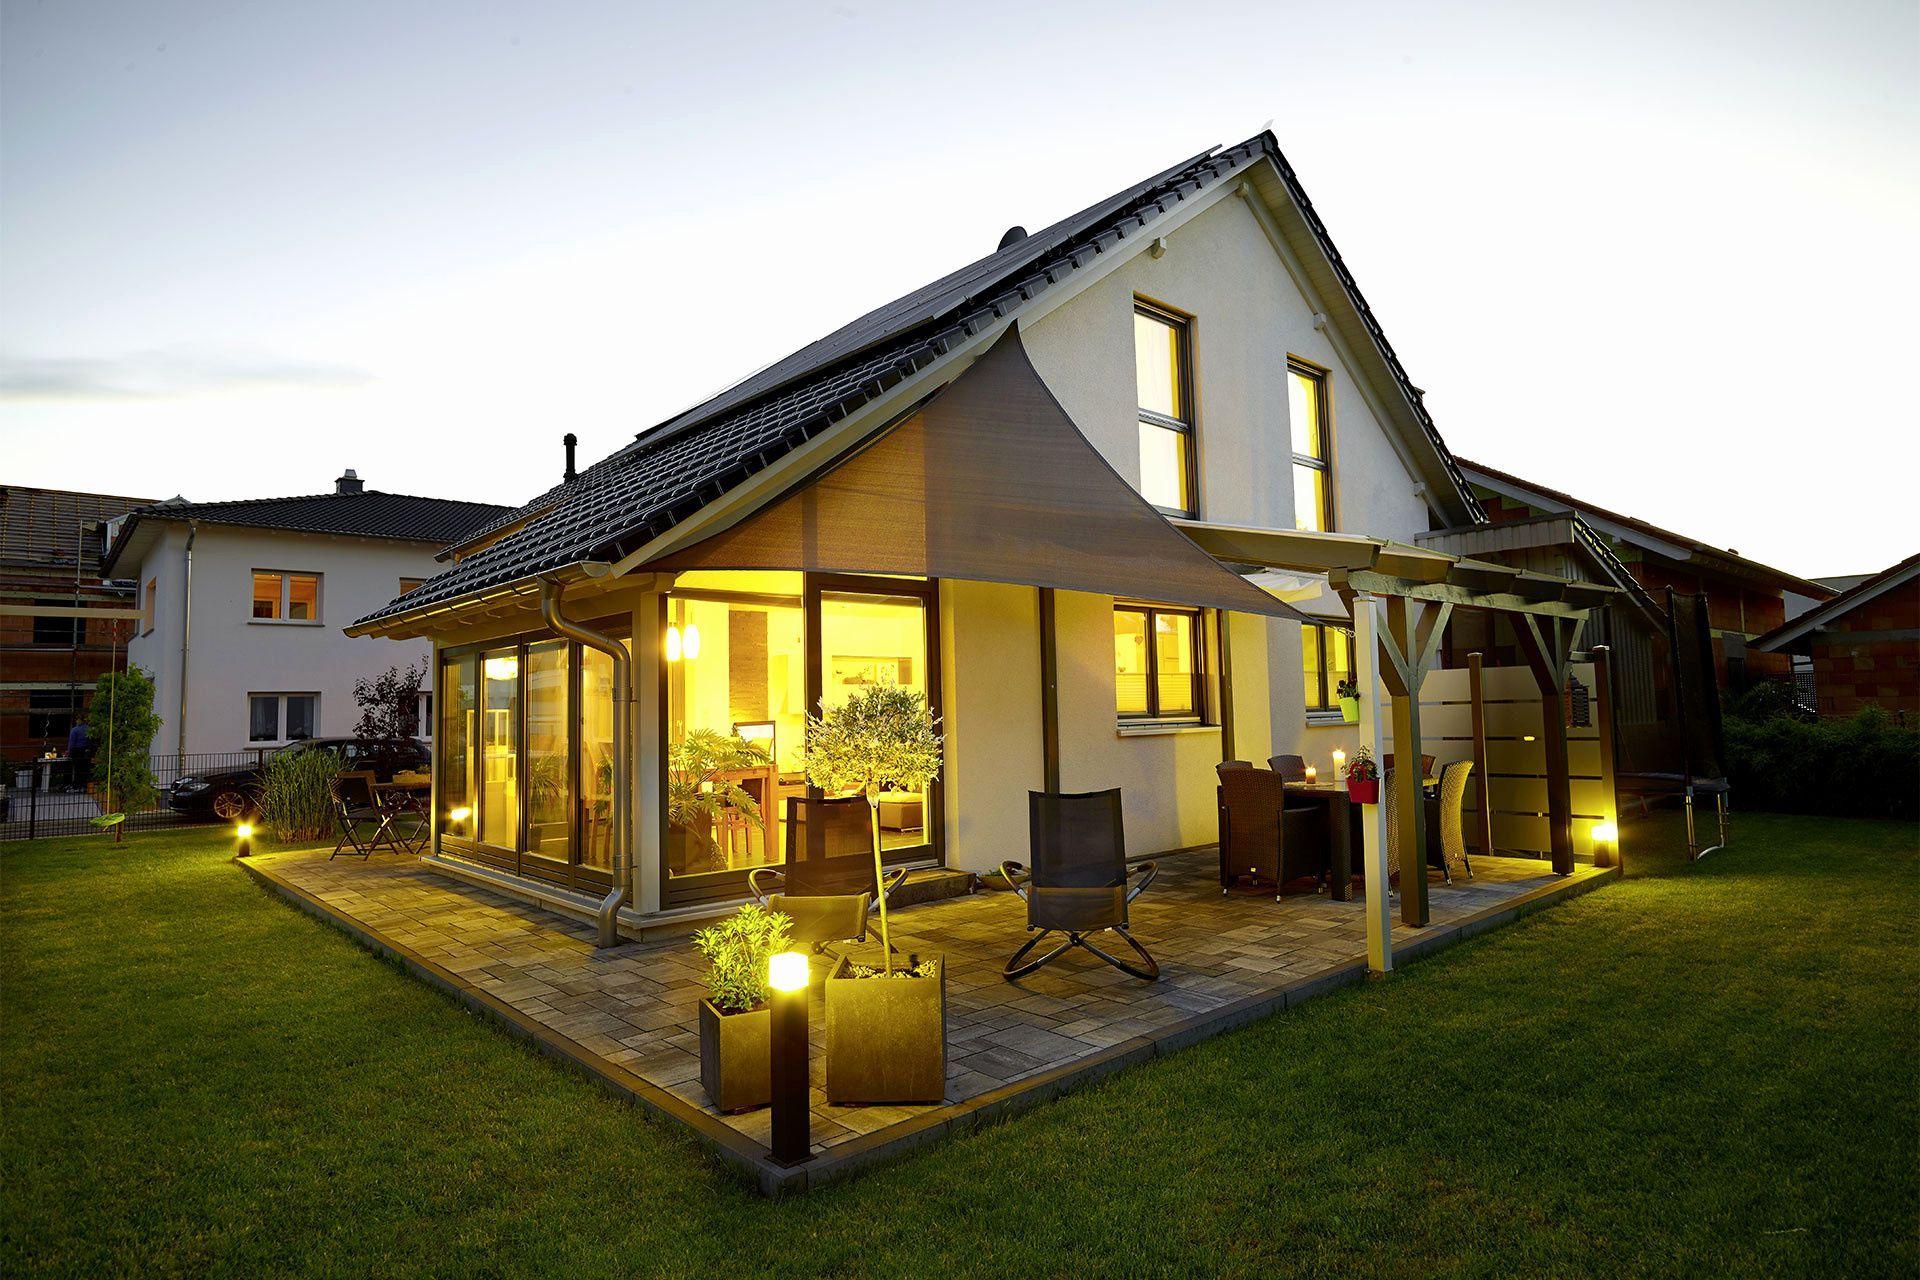 Haus Mit Veranda Bauen Bungalow Haus Selber Bauen Kosten Rechner Luxus Garagentore Infos Zu Poolselberbauen In 2020 House Styles House Outdoor Decor